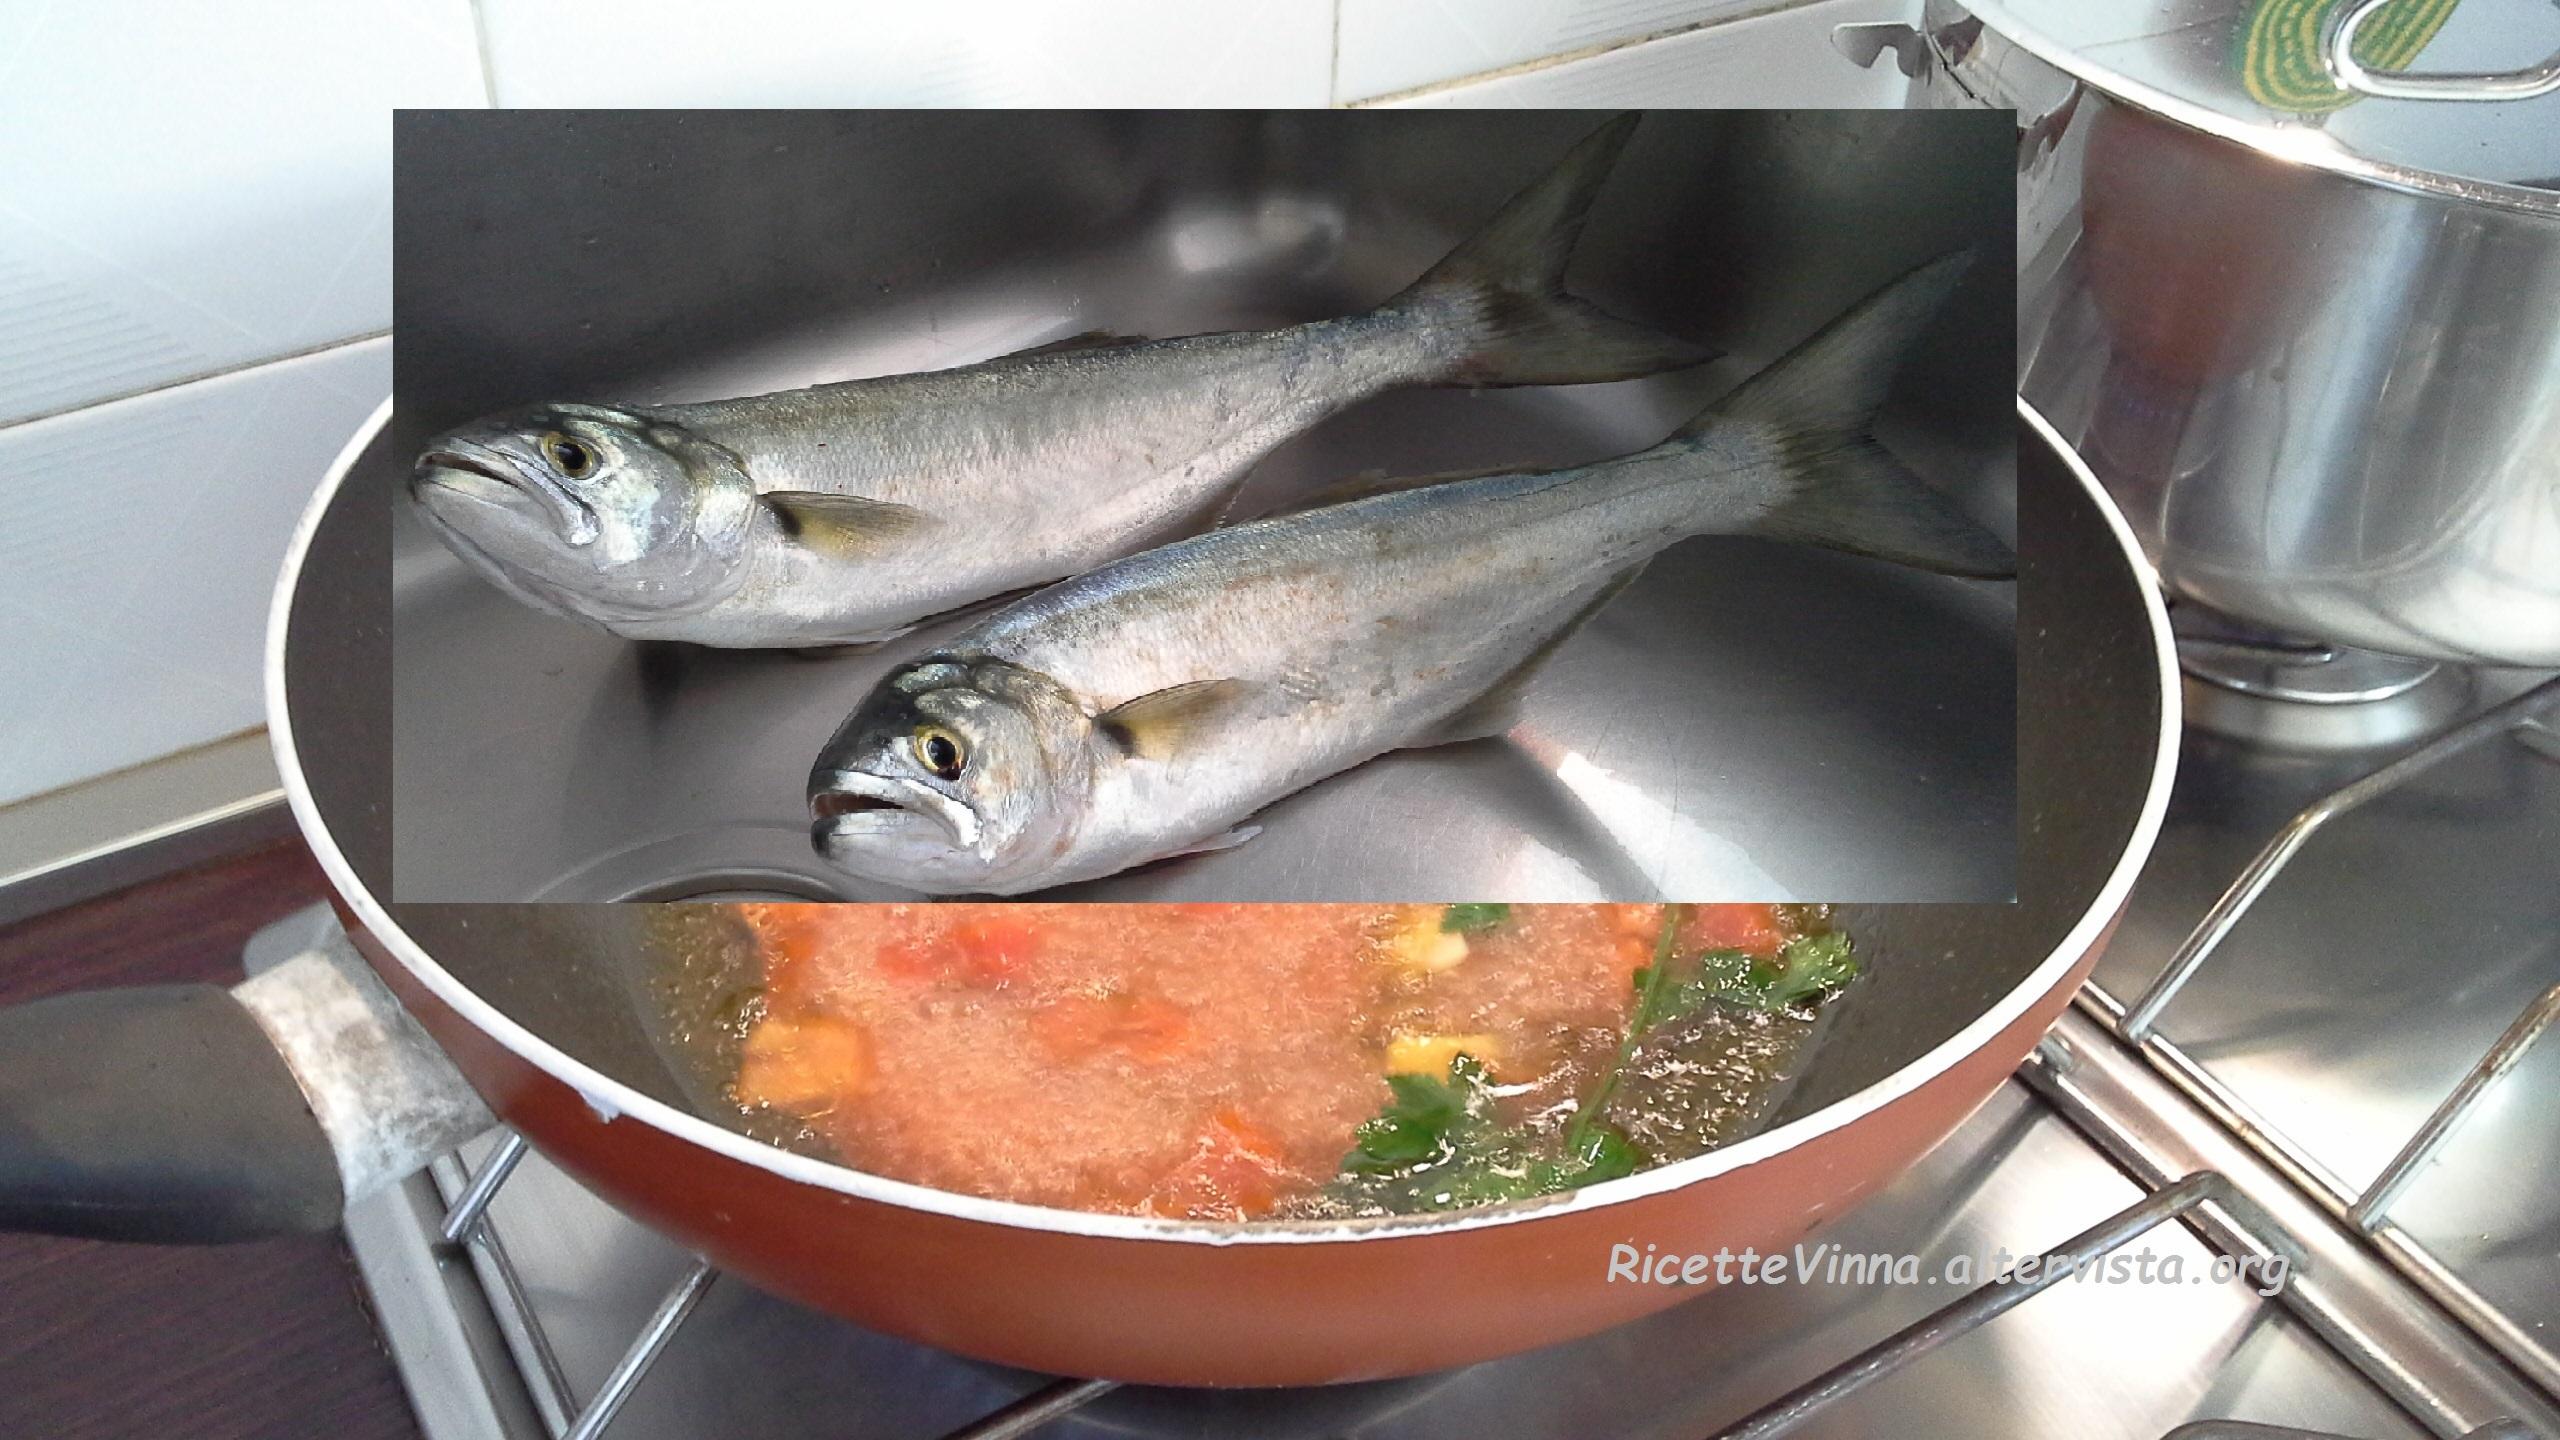 Pesce serra all 39 acqua pazza ricette vinna - Come cucinare il pesce serra ...